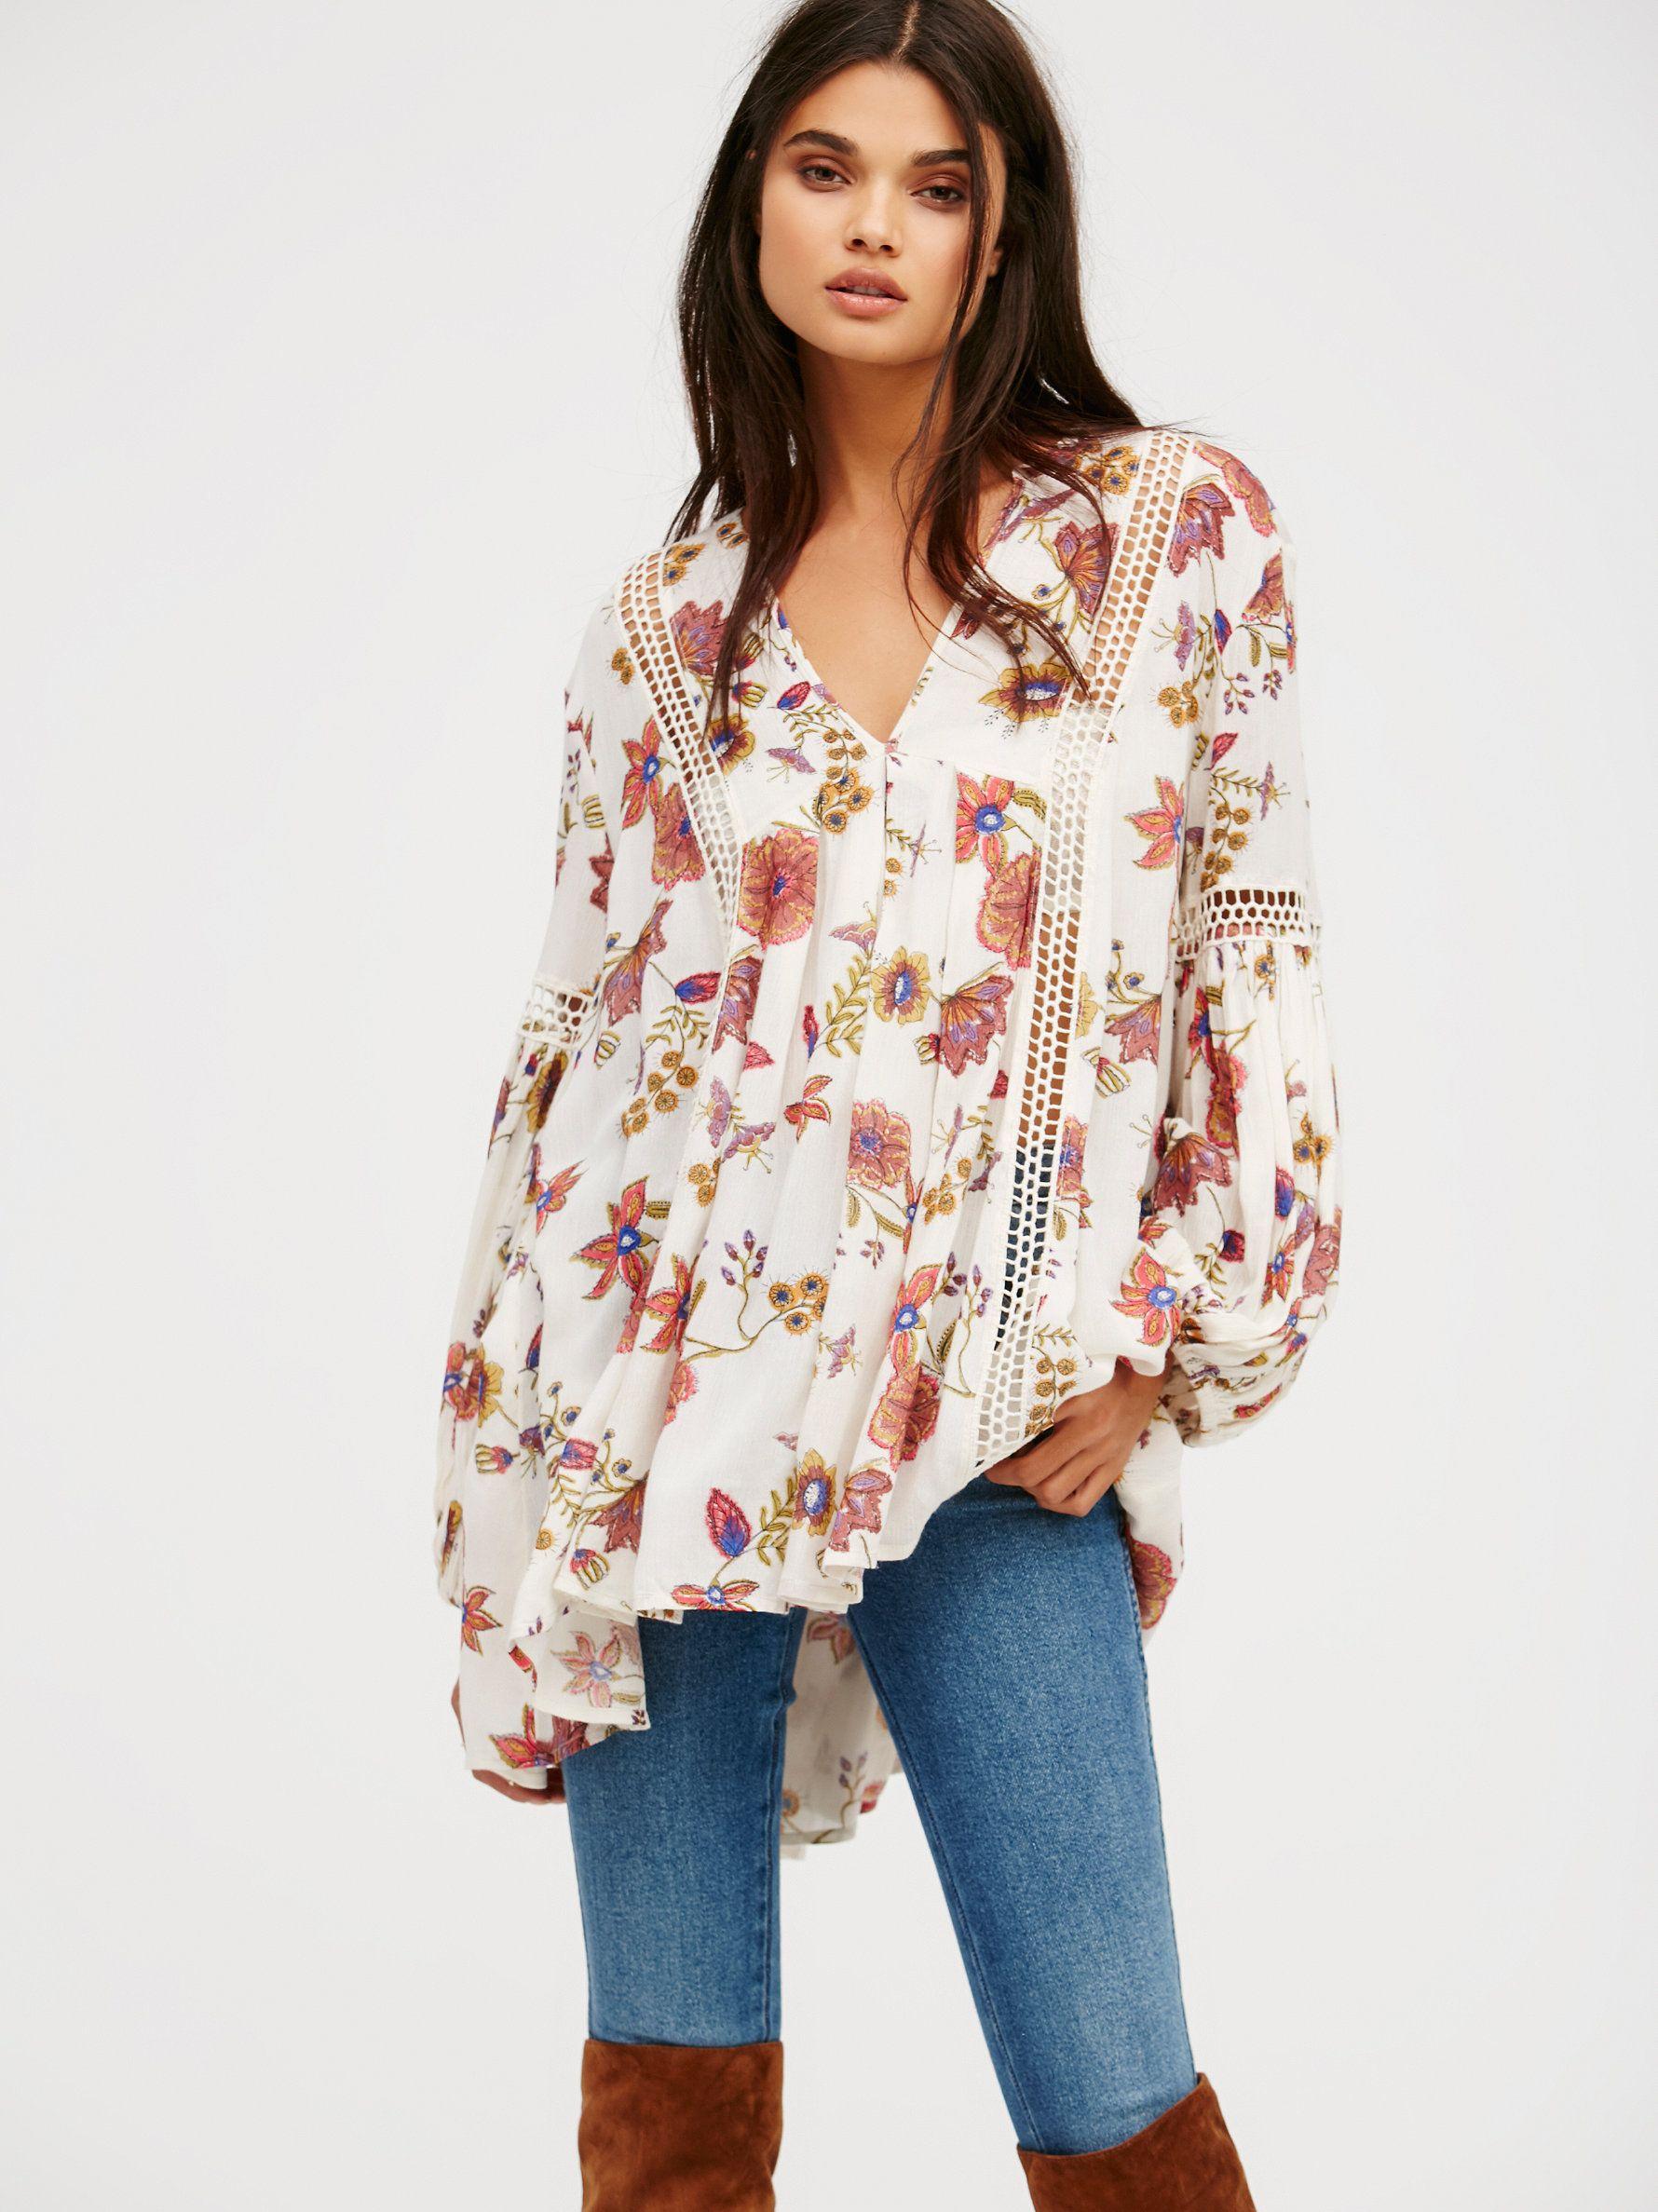 Para Flores Amplia Moderna Y Mujer Camisola Free De Moda YTqx5w